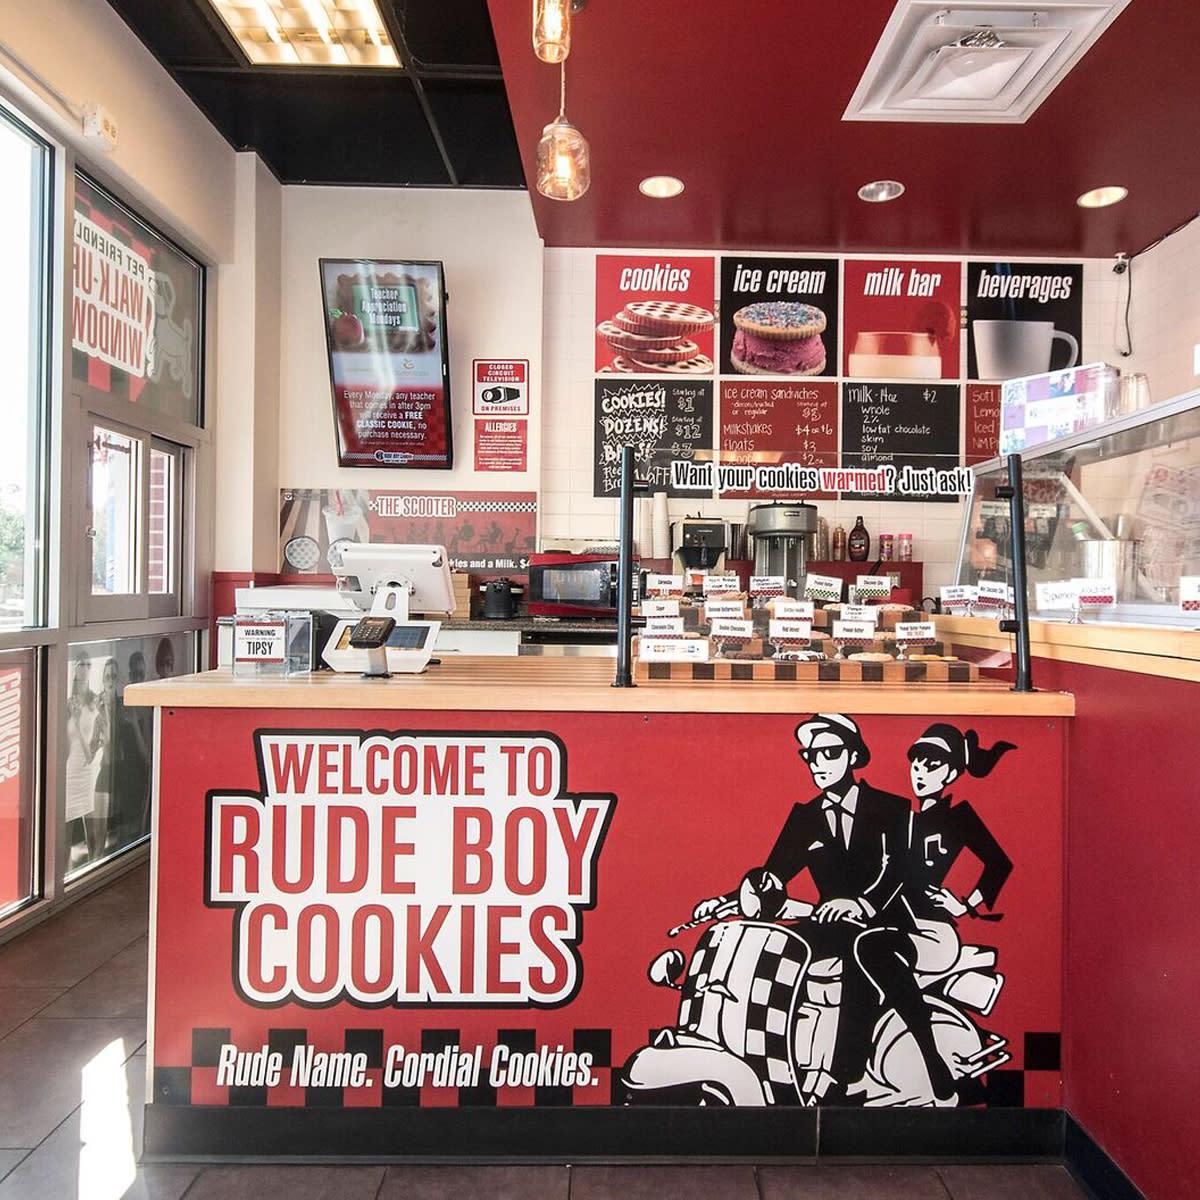 Rude Boy Cookies